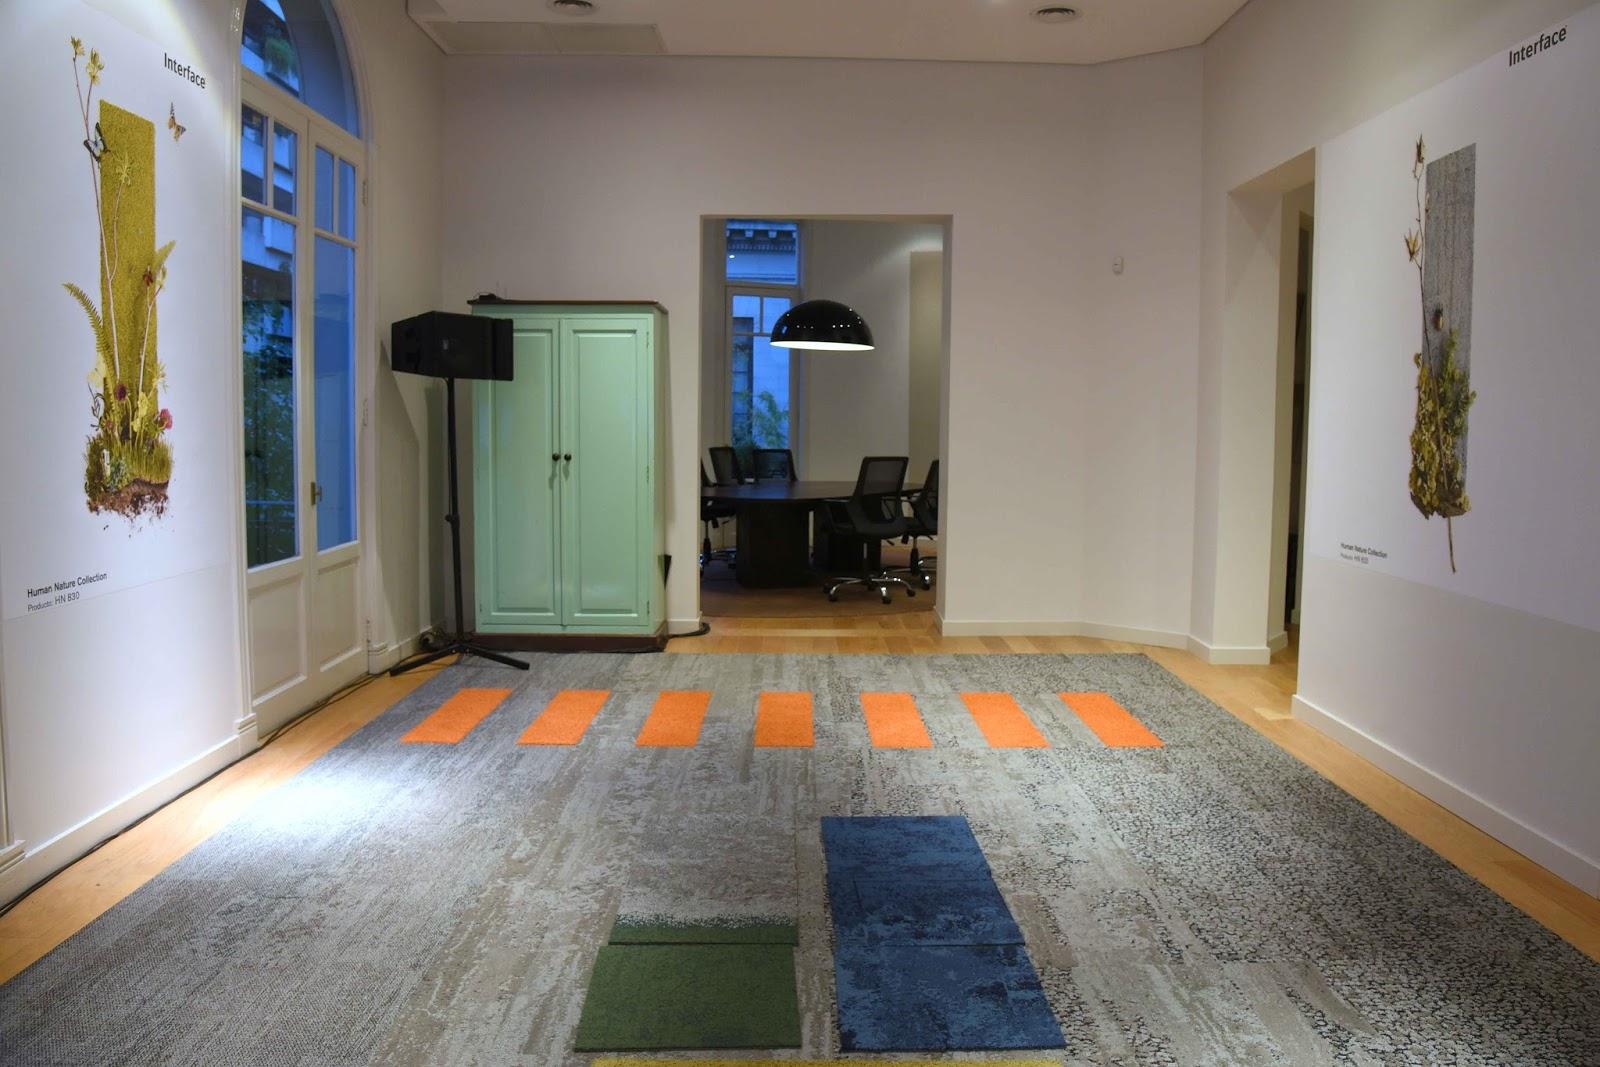 Empresas interface y kalpakian presentan una nueva colecci n de alfombras modulares human spaces - Alfombras para empresas ...